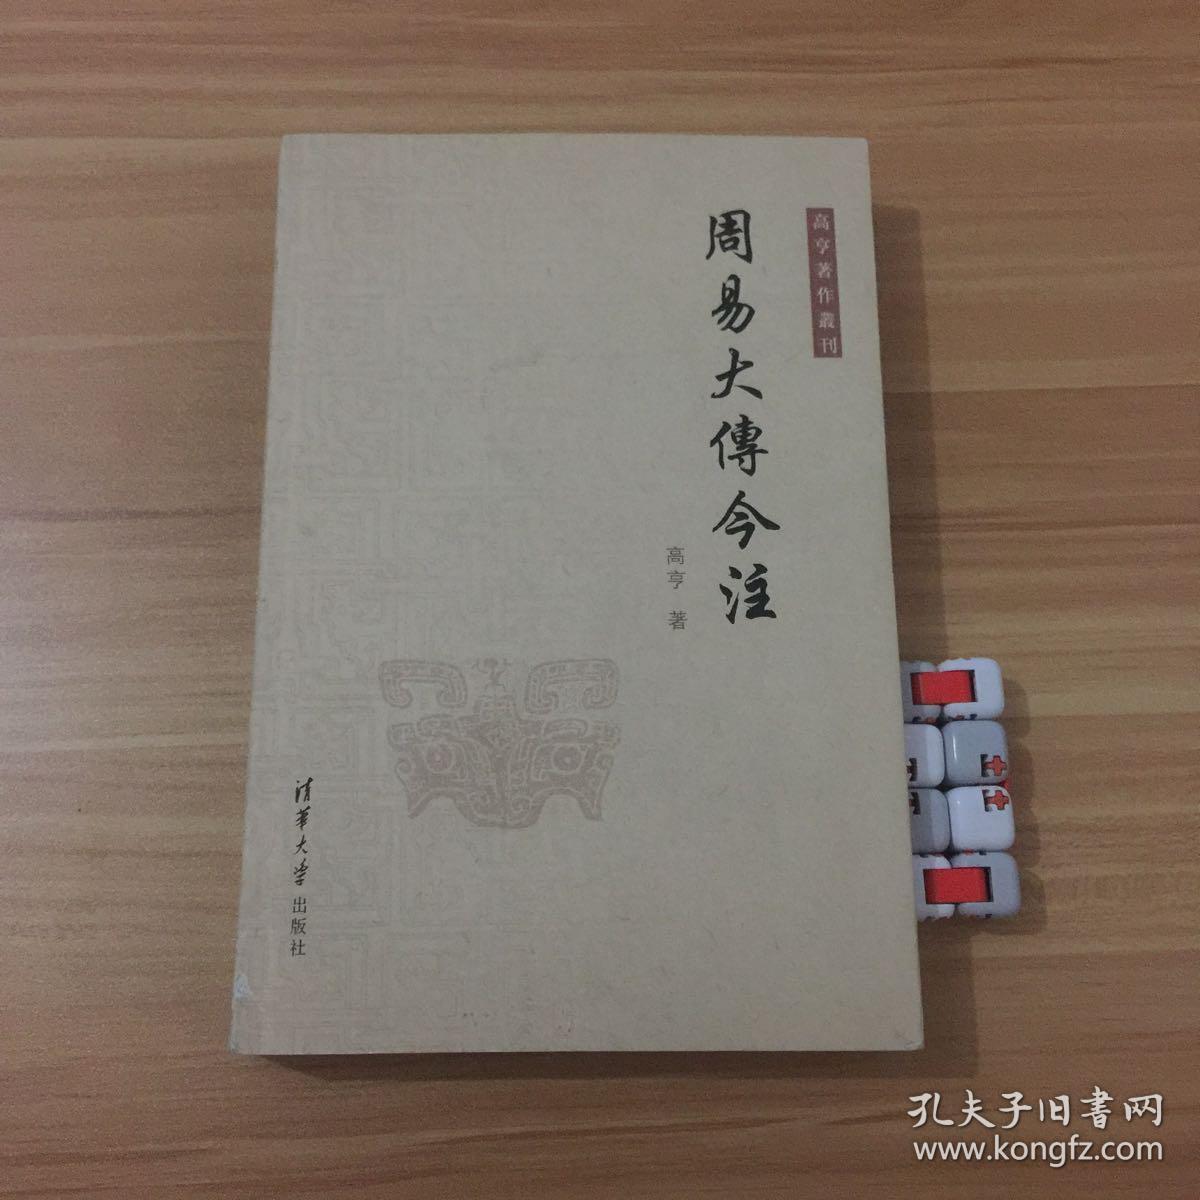 周易大傳今注_高亨 著_孔夫子舊書網